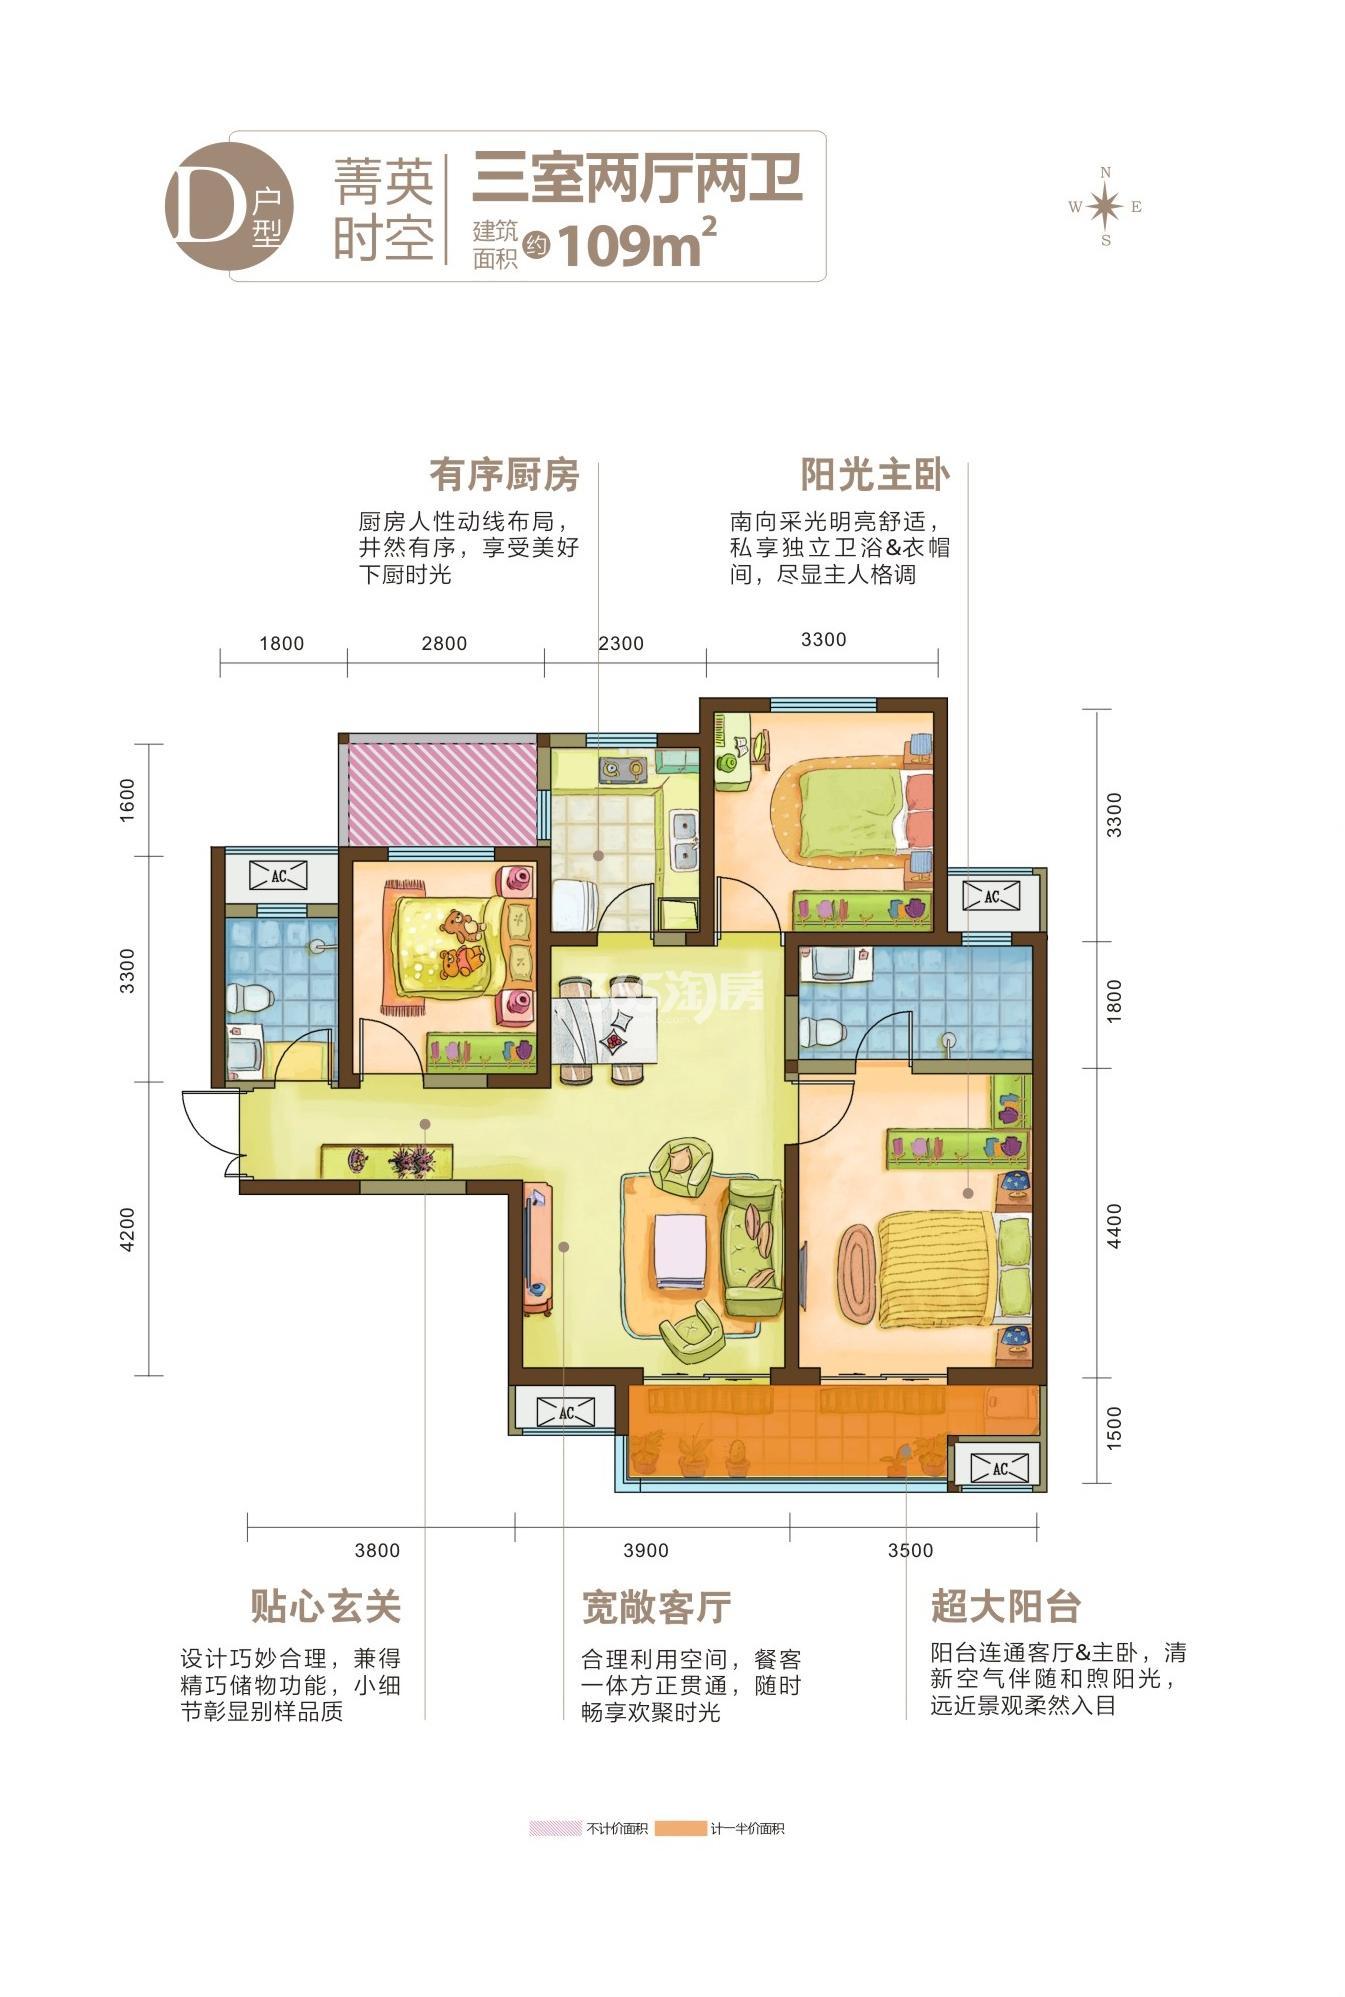 御锦城9期智慧树两室两厅一卫109㎡